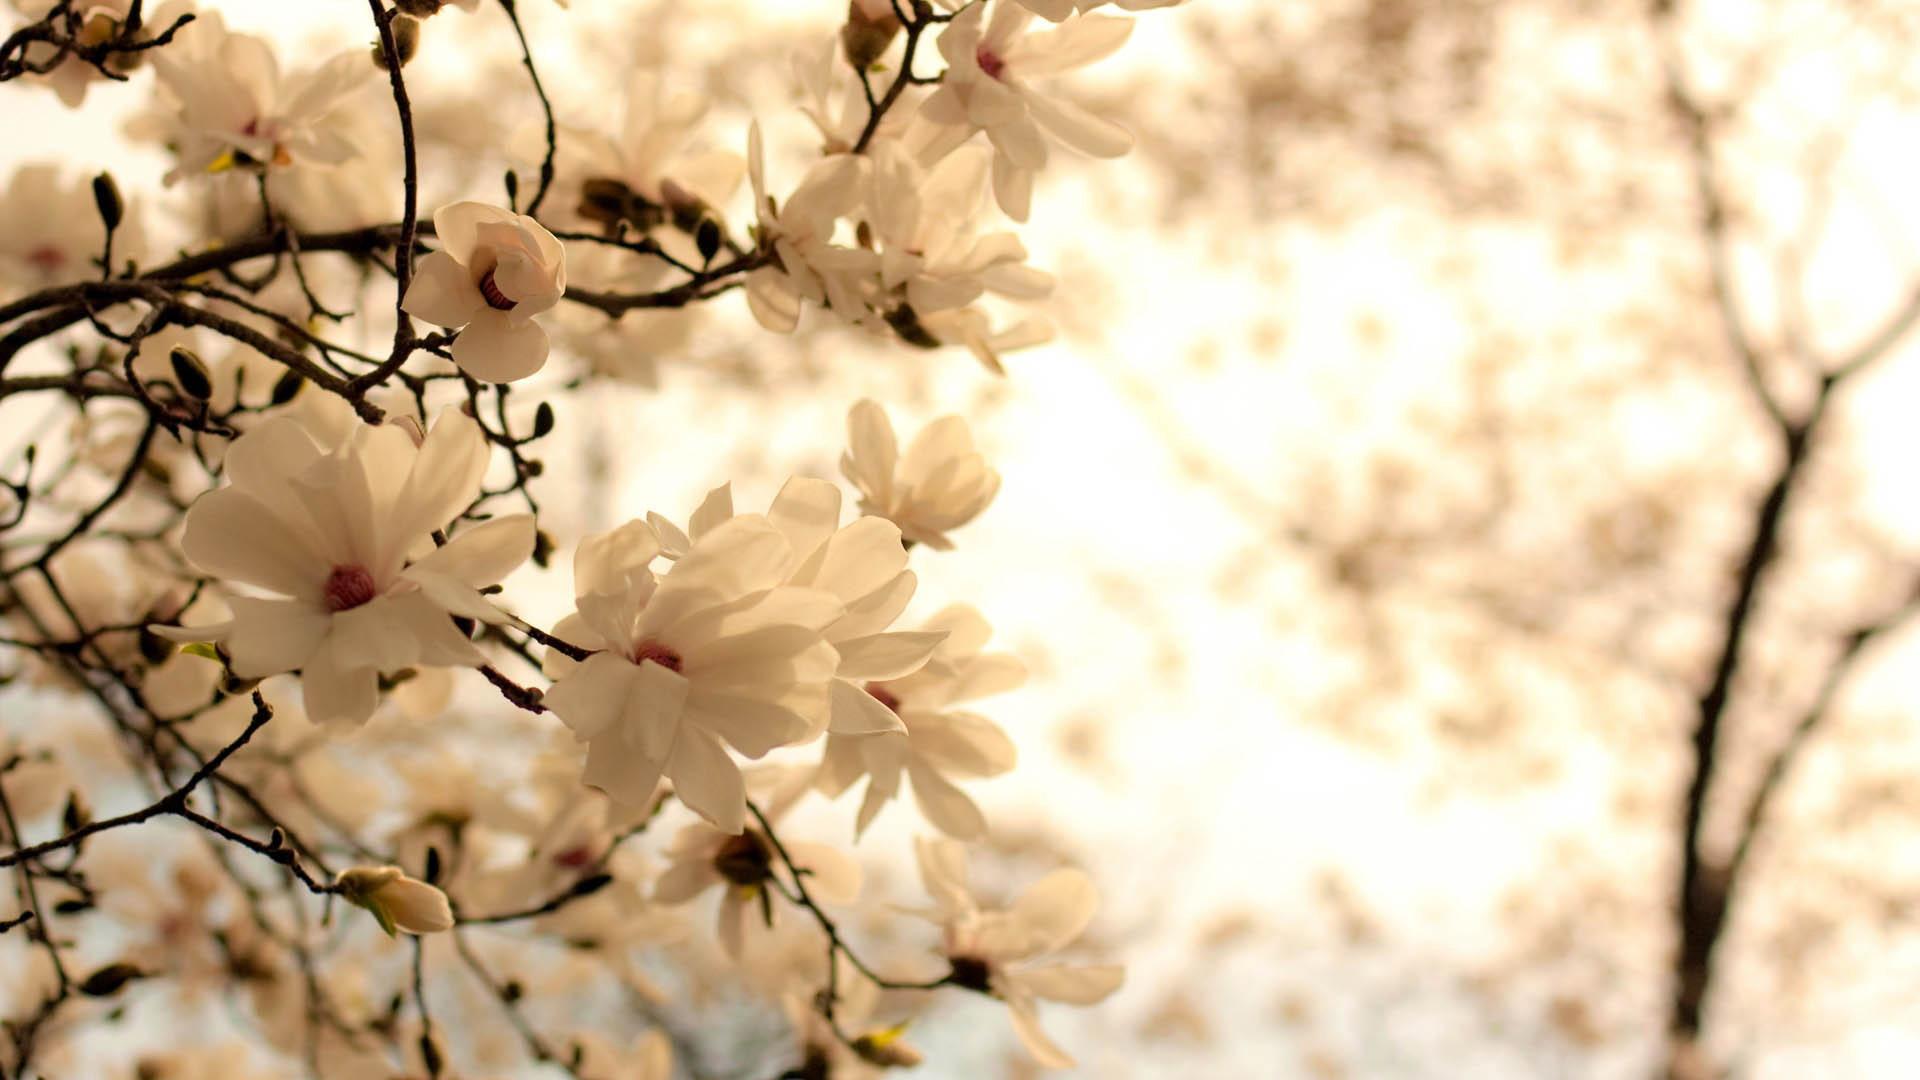 Красивые картинки цветов на рабочий стол - скачать подборка №1 8